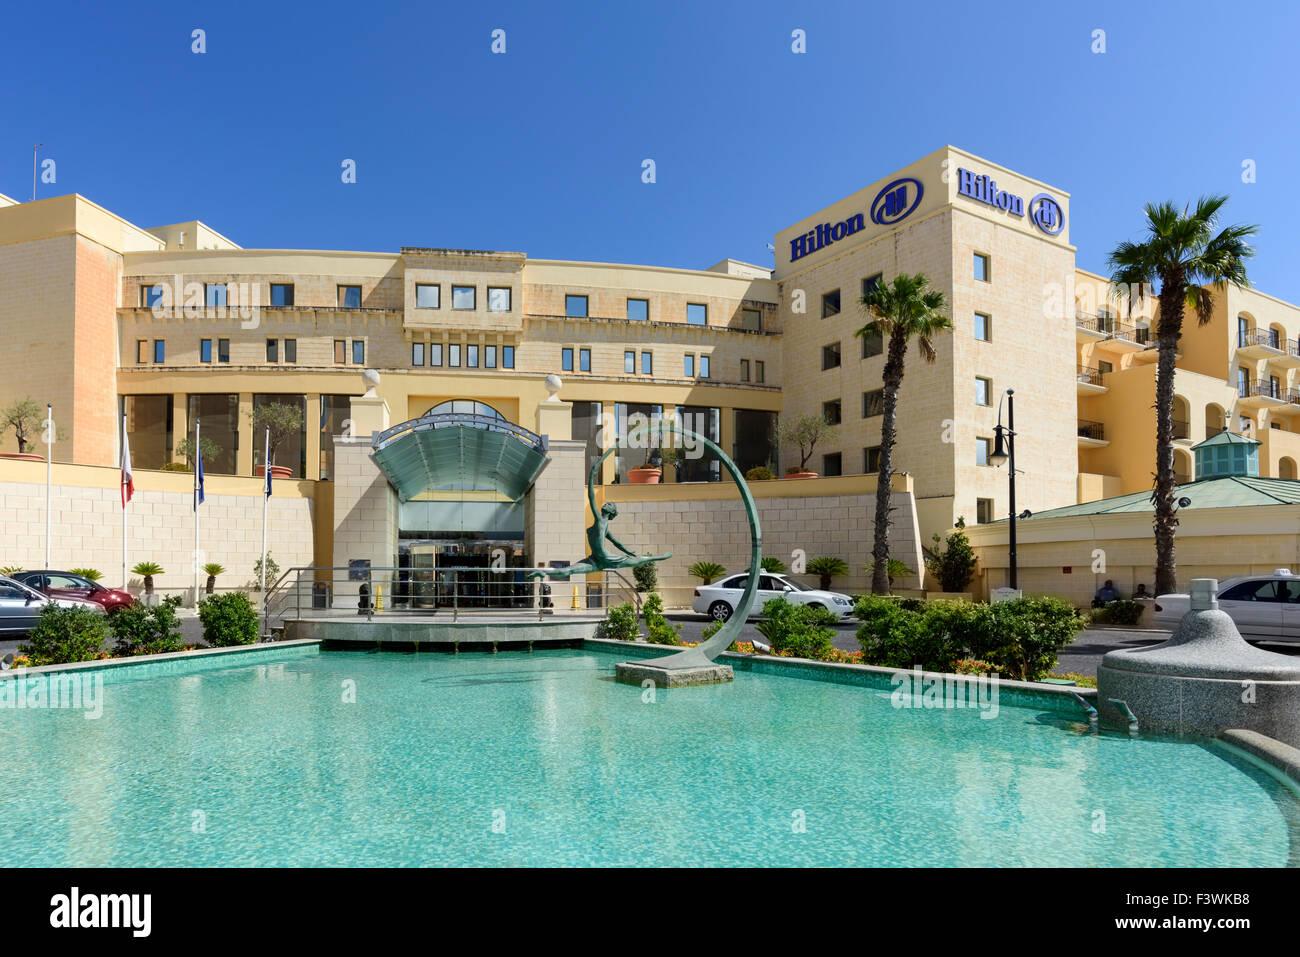 The Hilton Hotel Malta